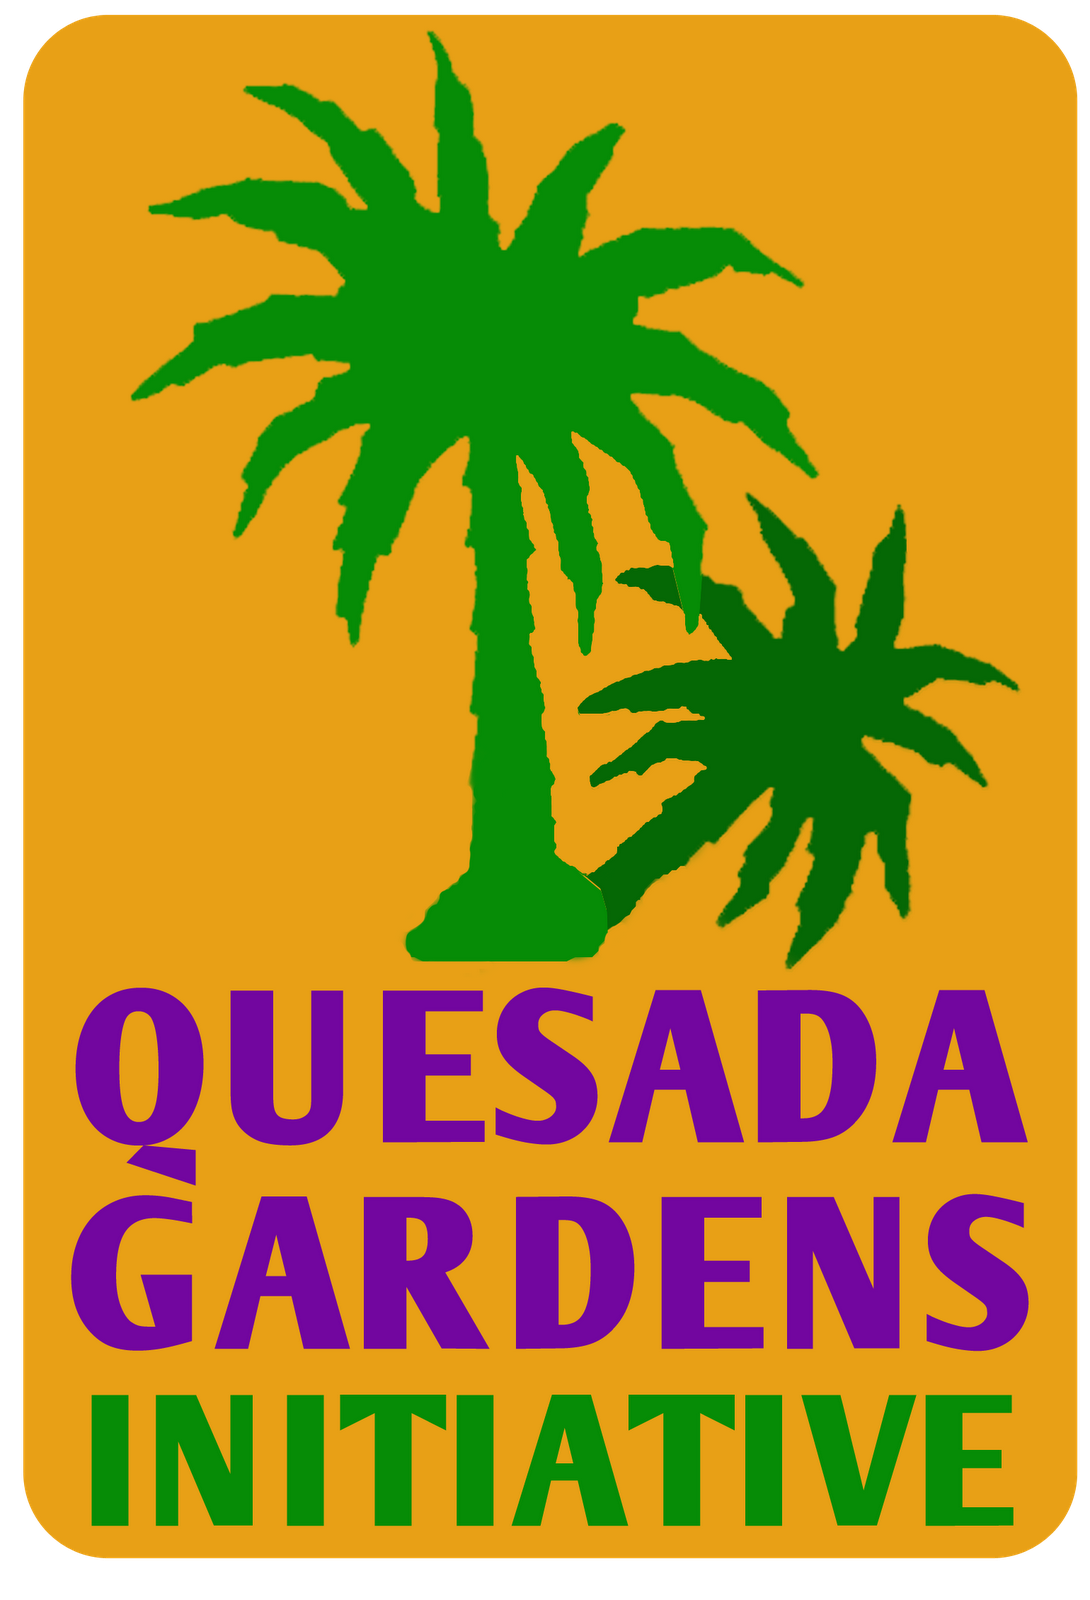 Quesada Gardens